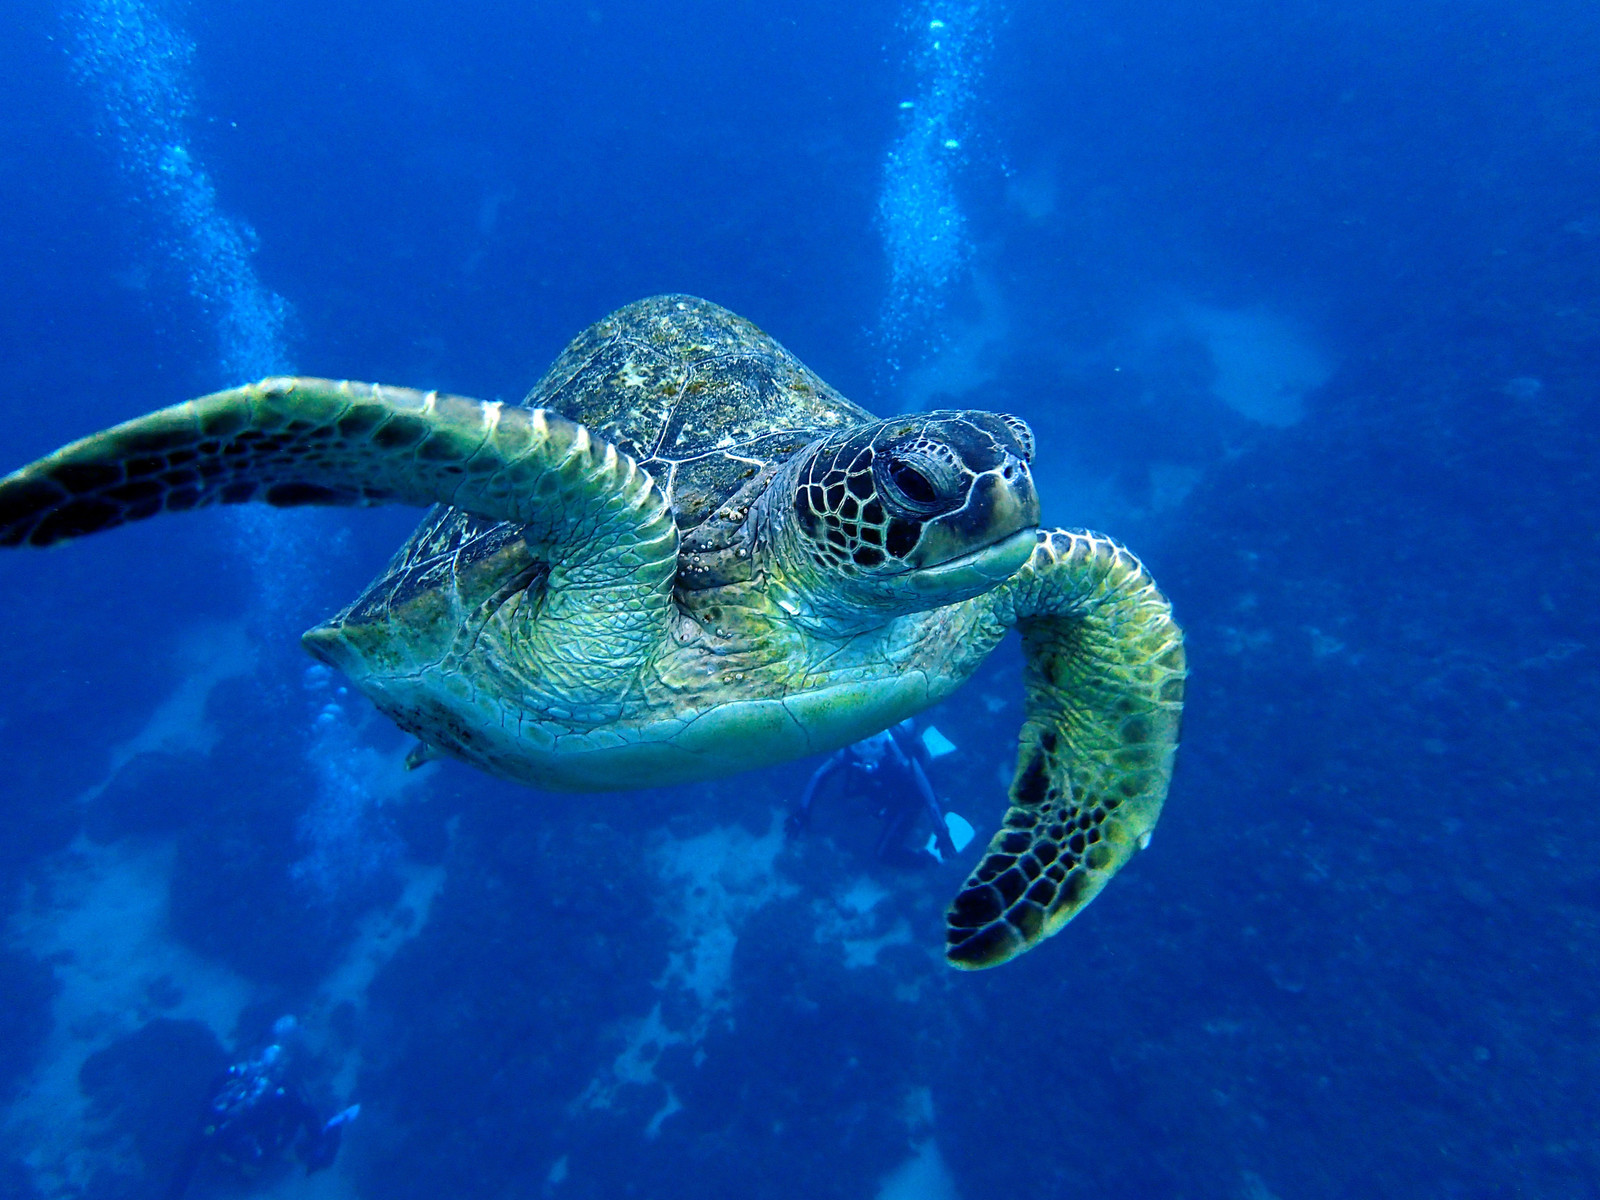 ウミガメの画像 p1_31